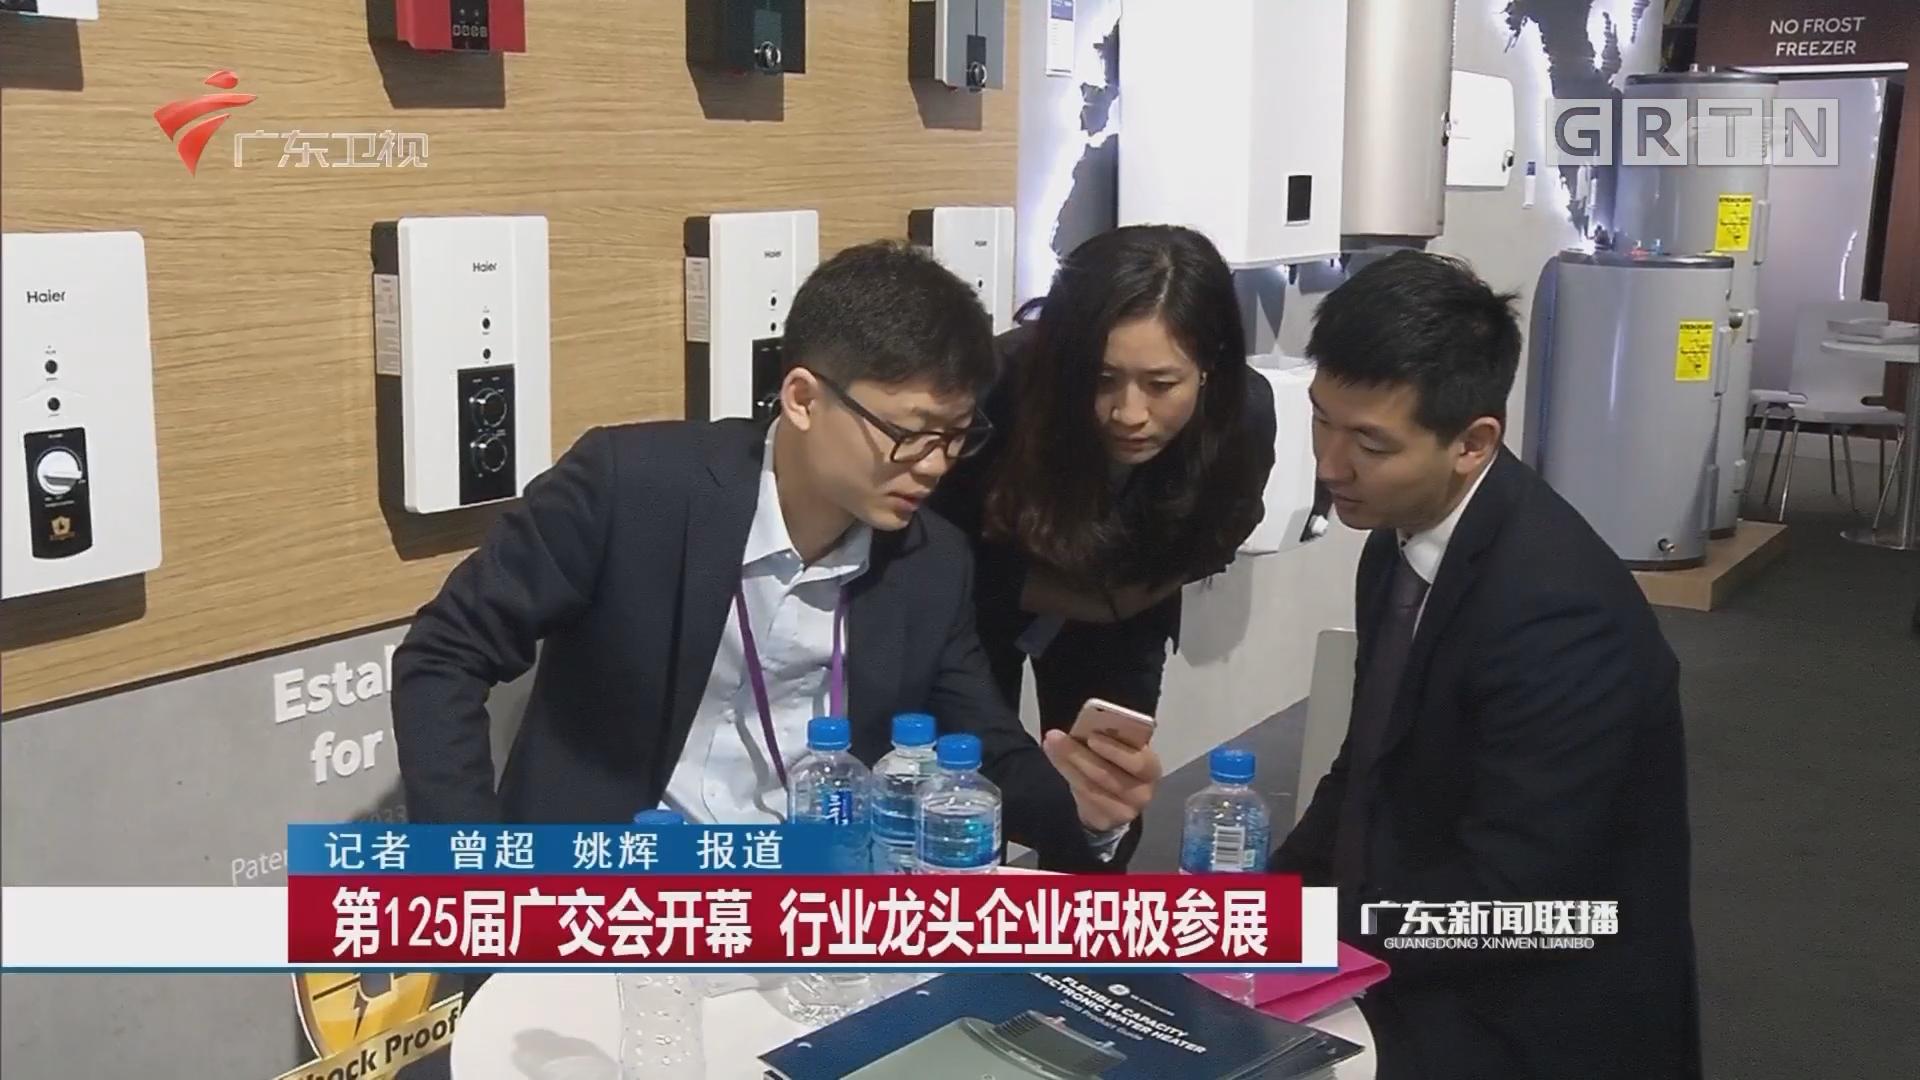 第125届广交会开幕 行业龙头企业积极参展